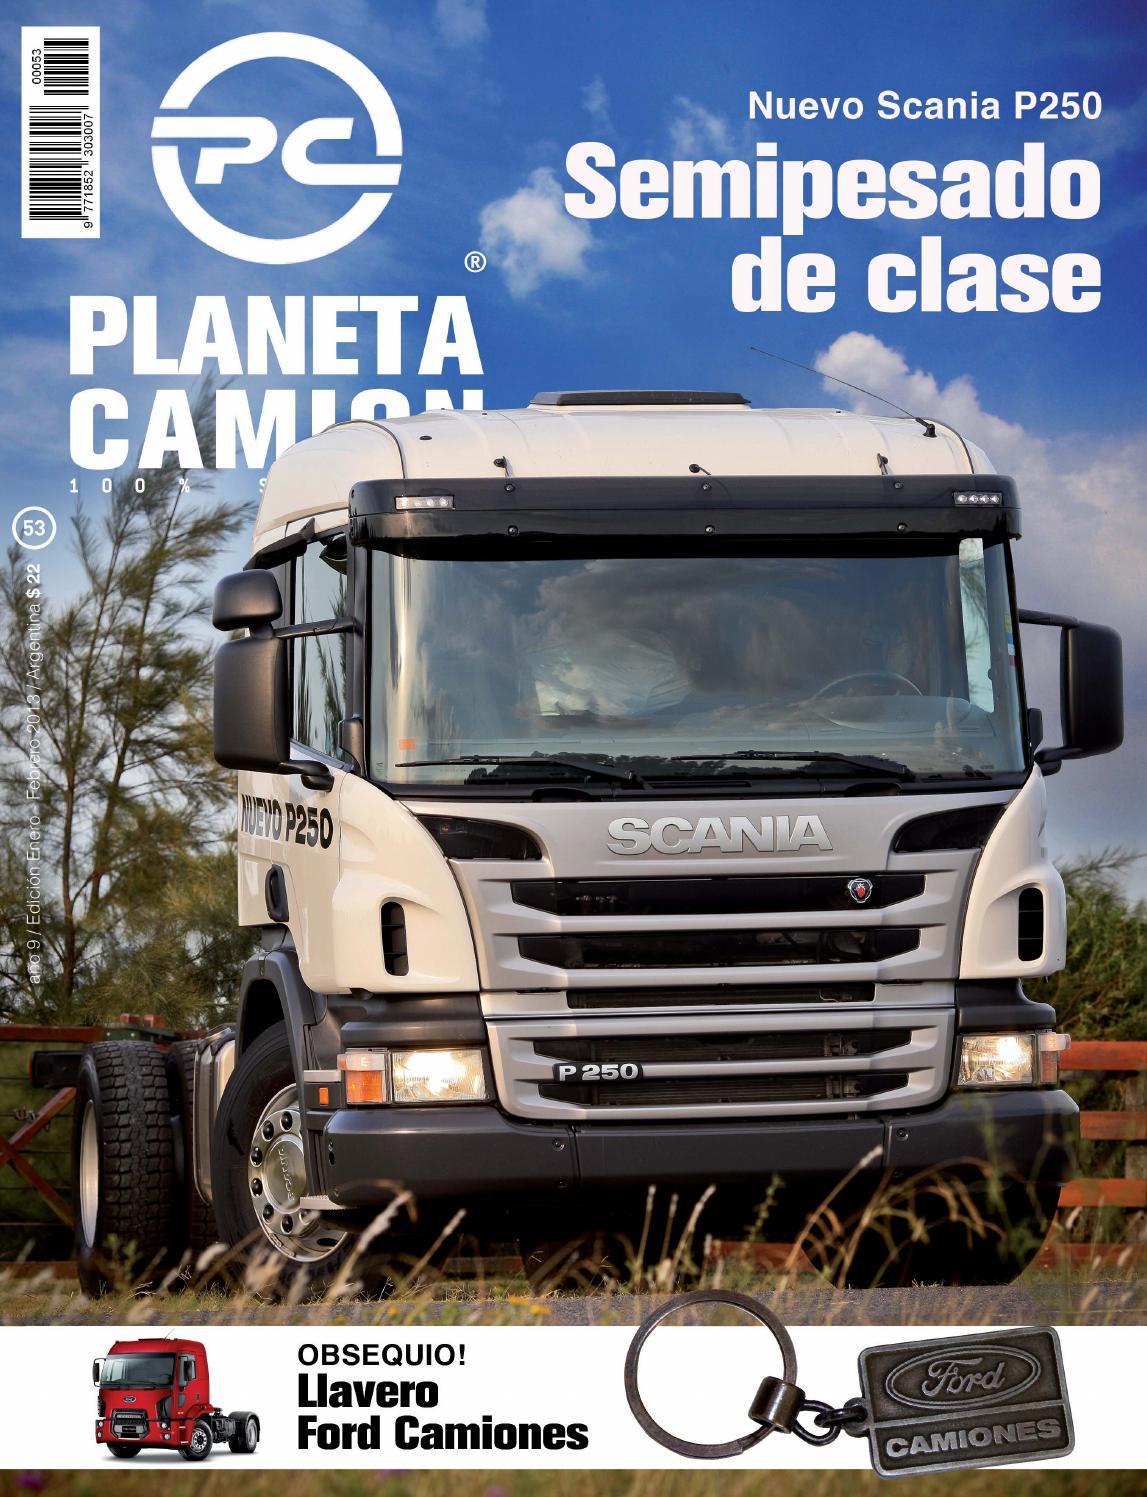 Planeta camión revista nº53 by Planeta Camión - issuu